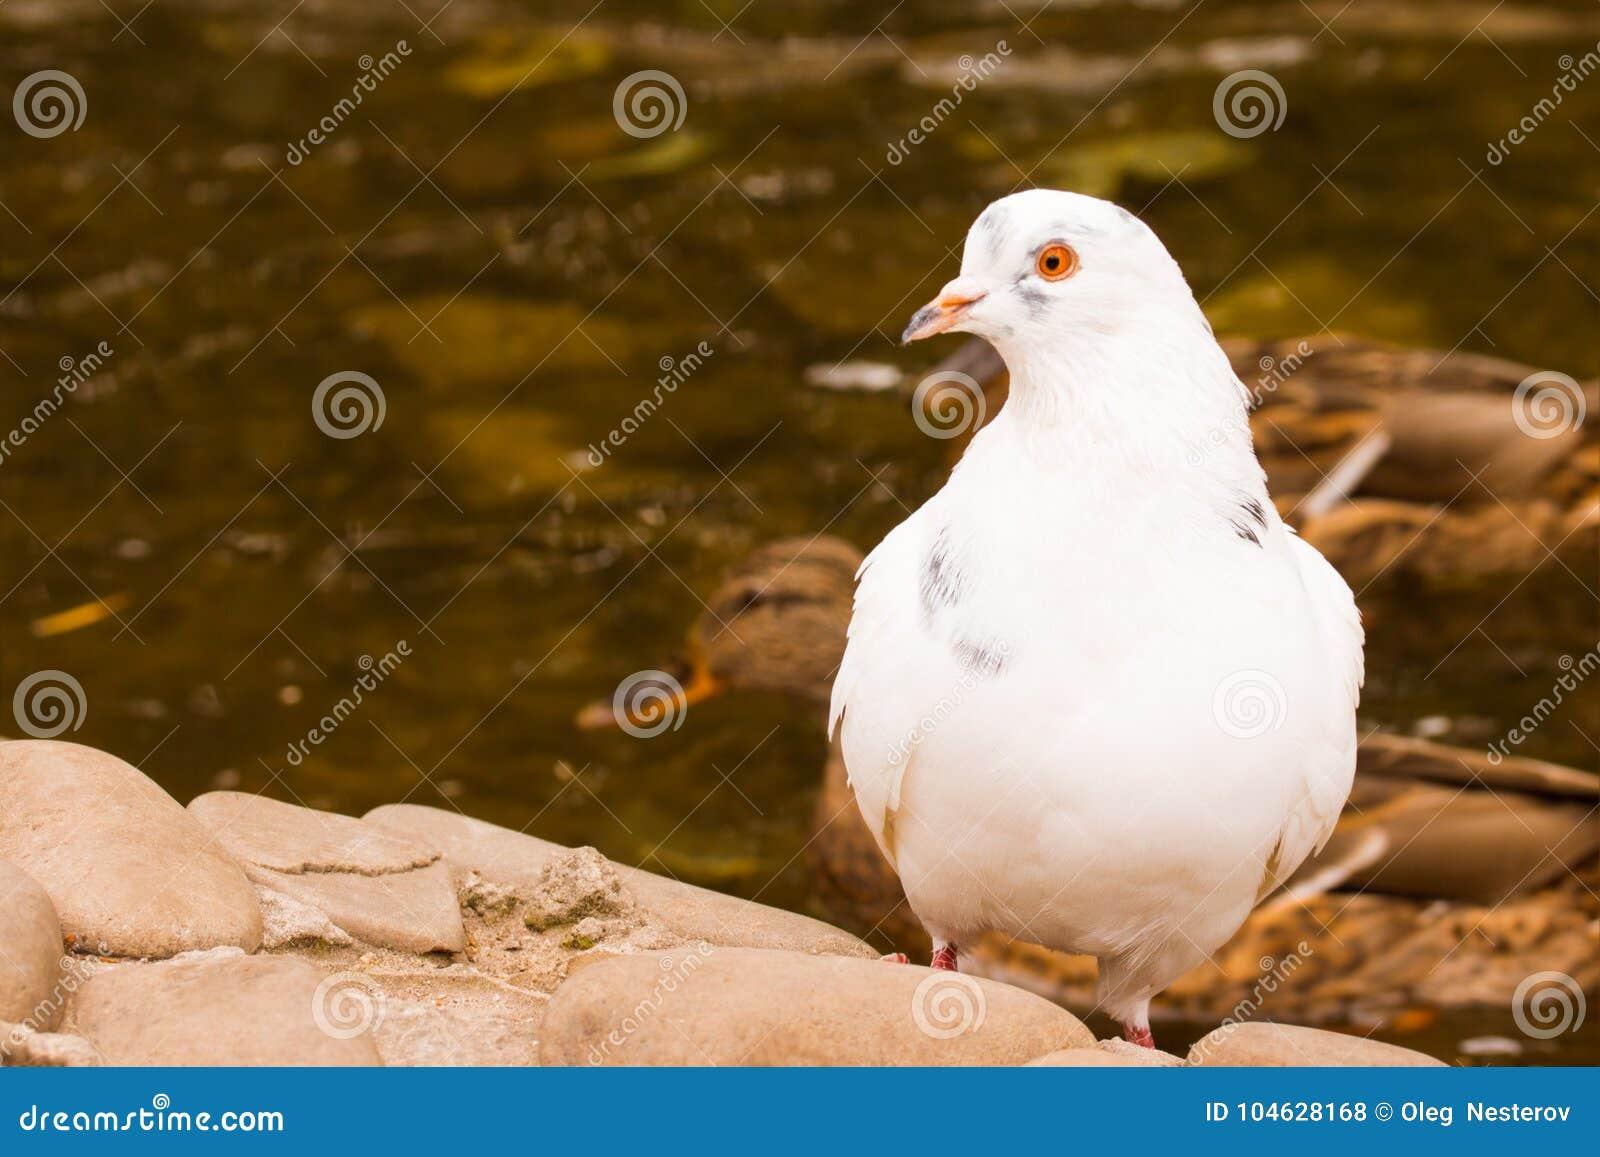 Download Witte Duif Op Een Achtergrond Van Het Drijven Eenden Stock Foto - Afbeelding bestaande uit kijk, vijver: 104628168